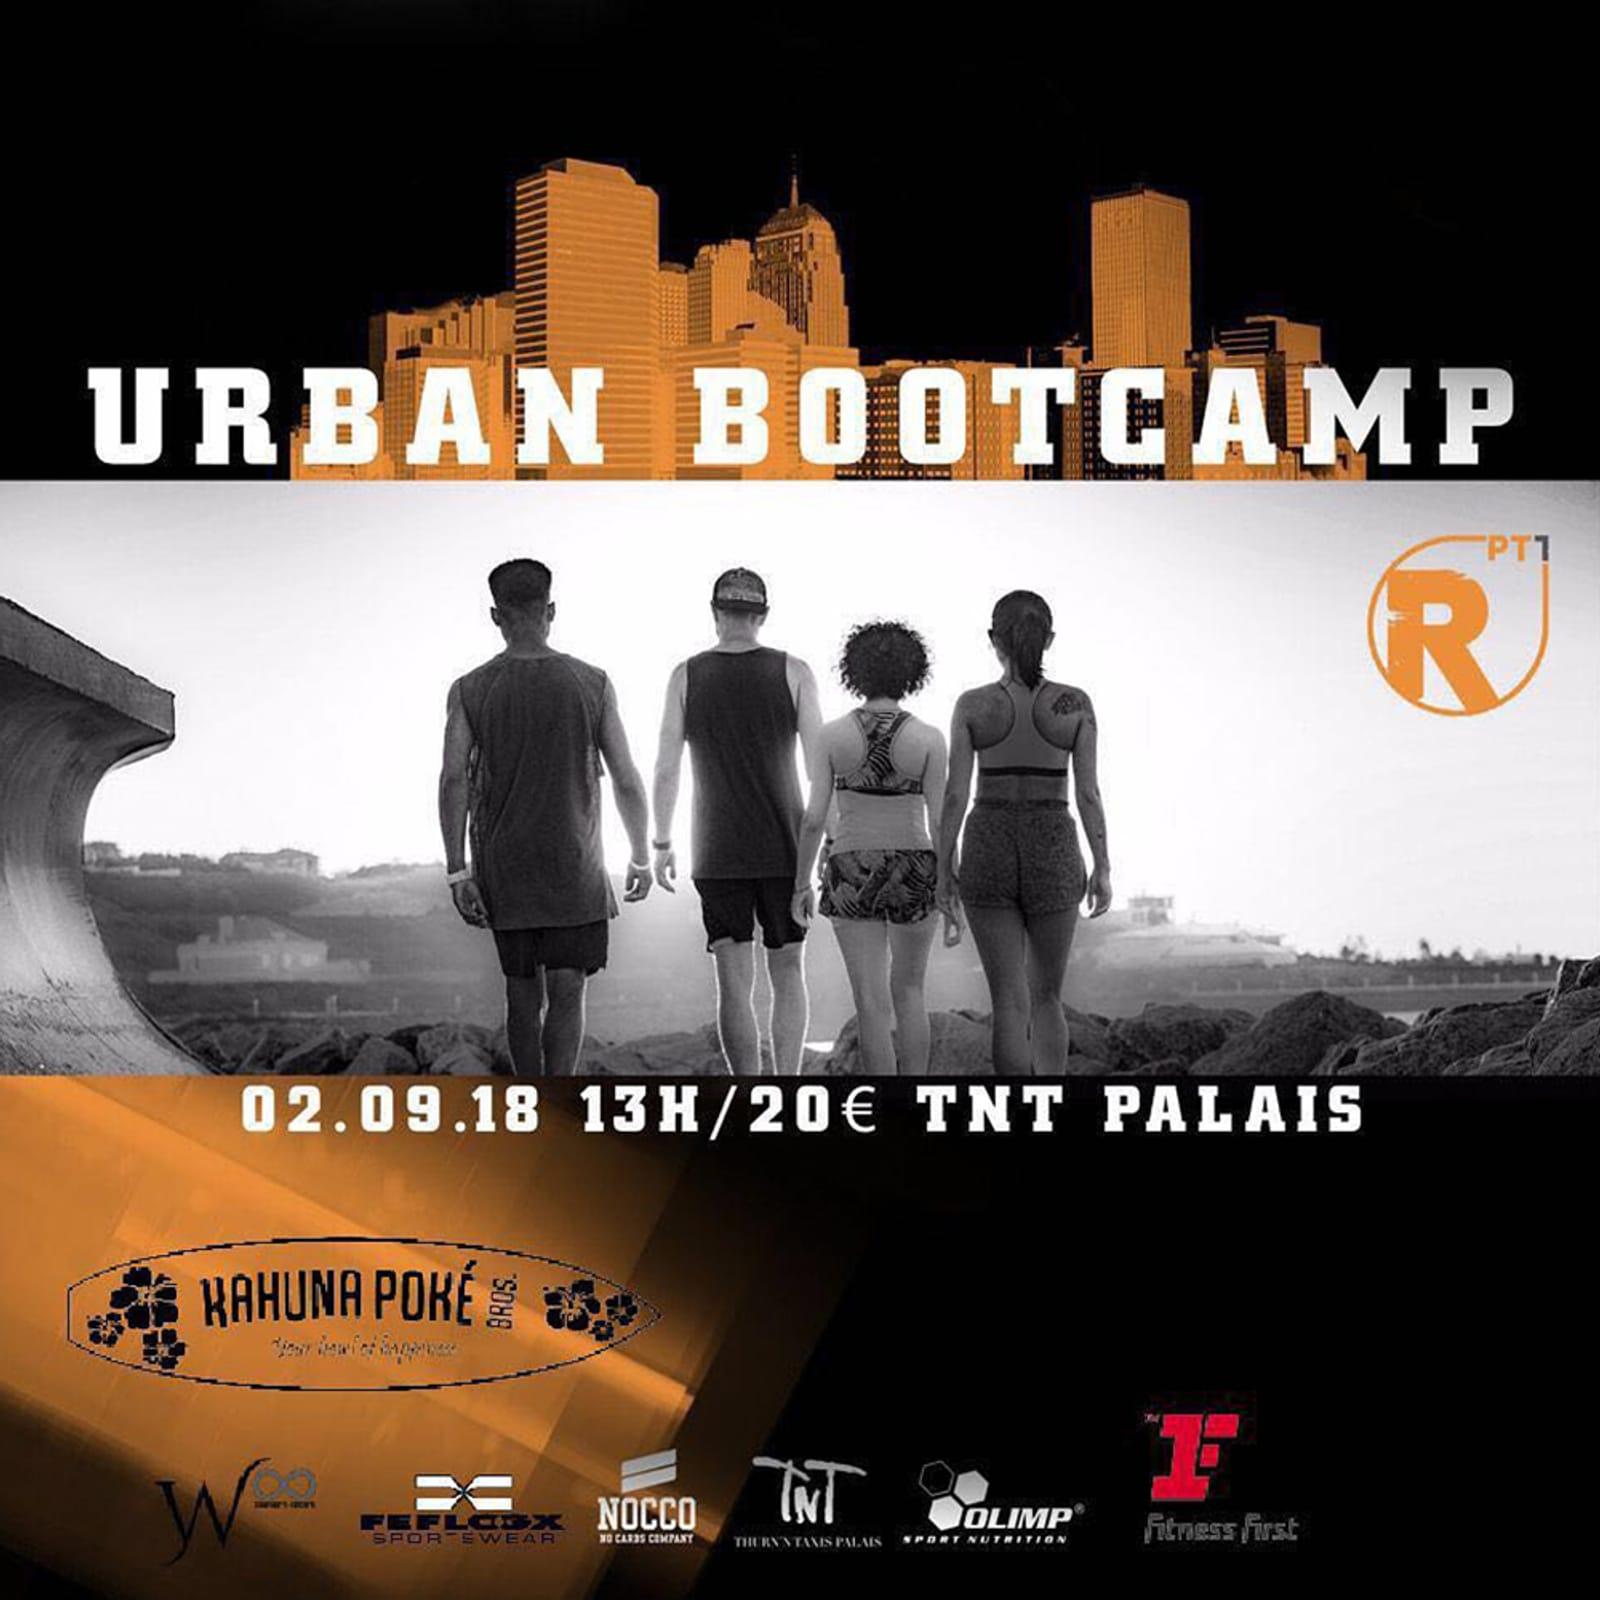 Urban Bootcamp by Rpt1.